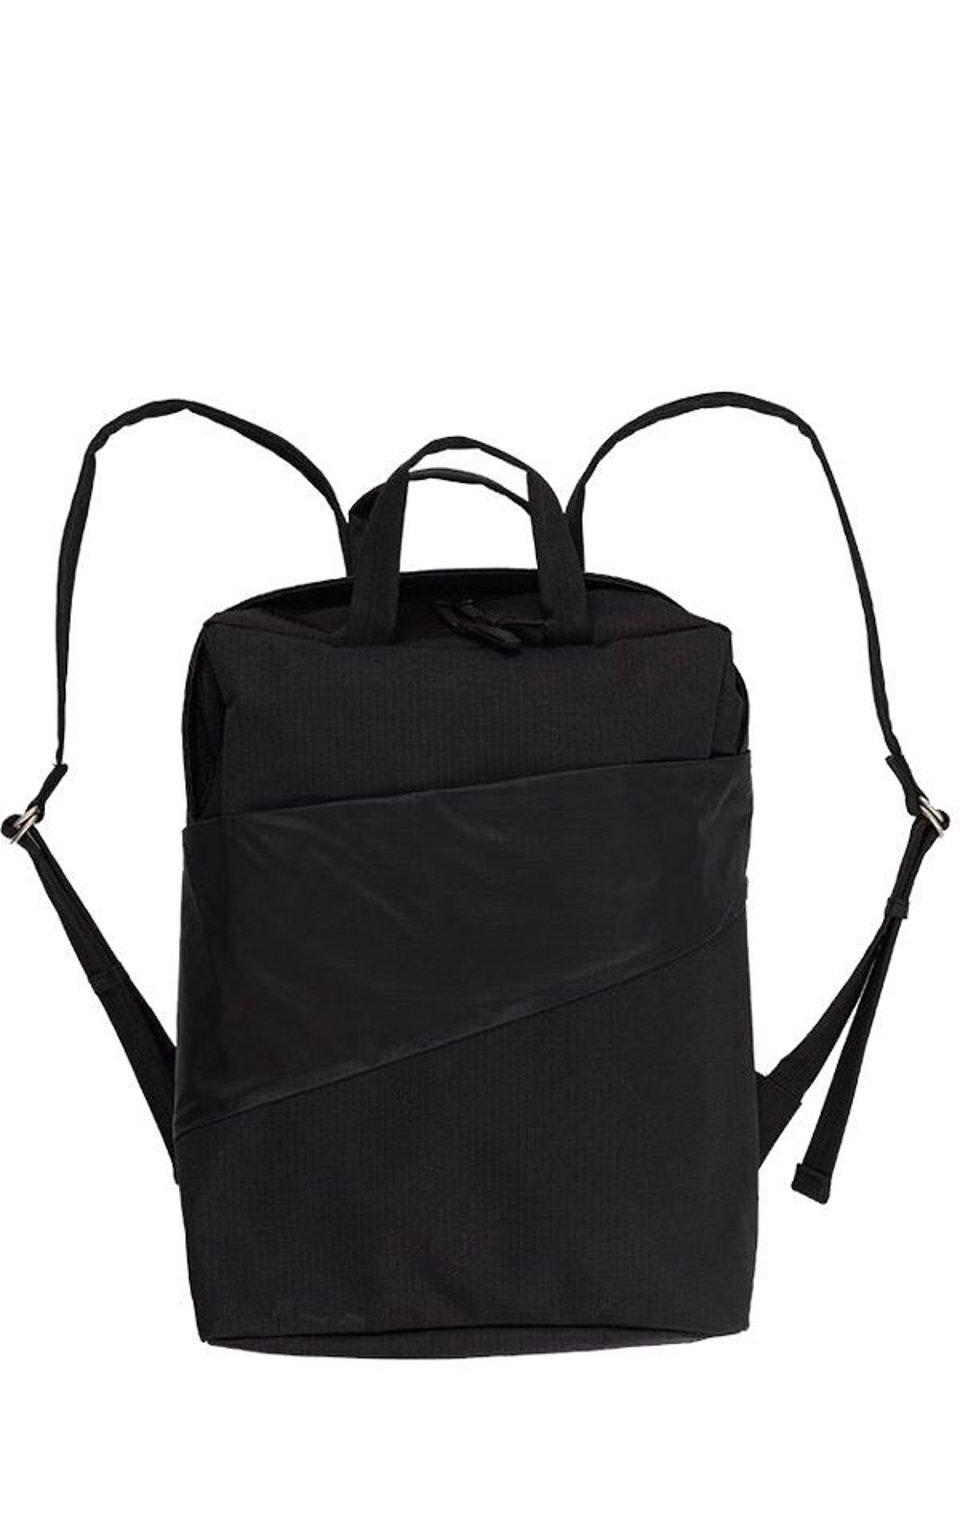 Backpack #3